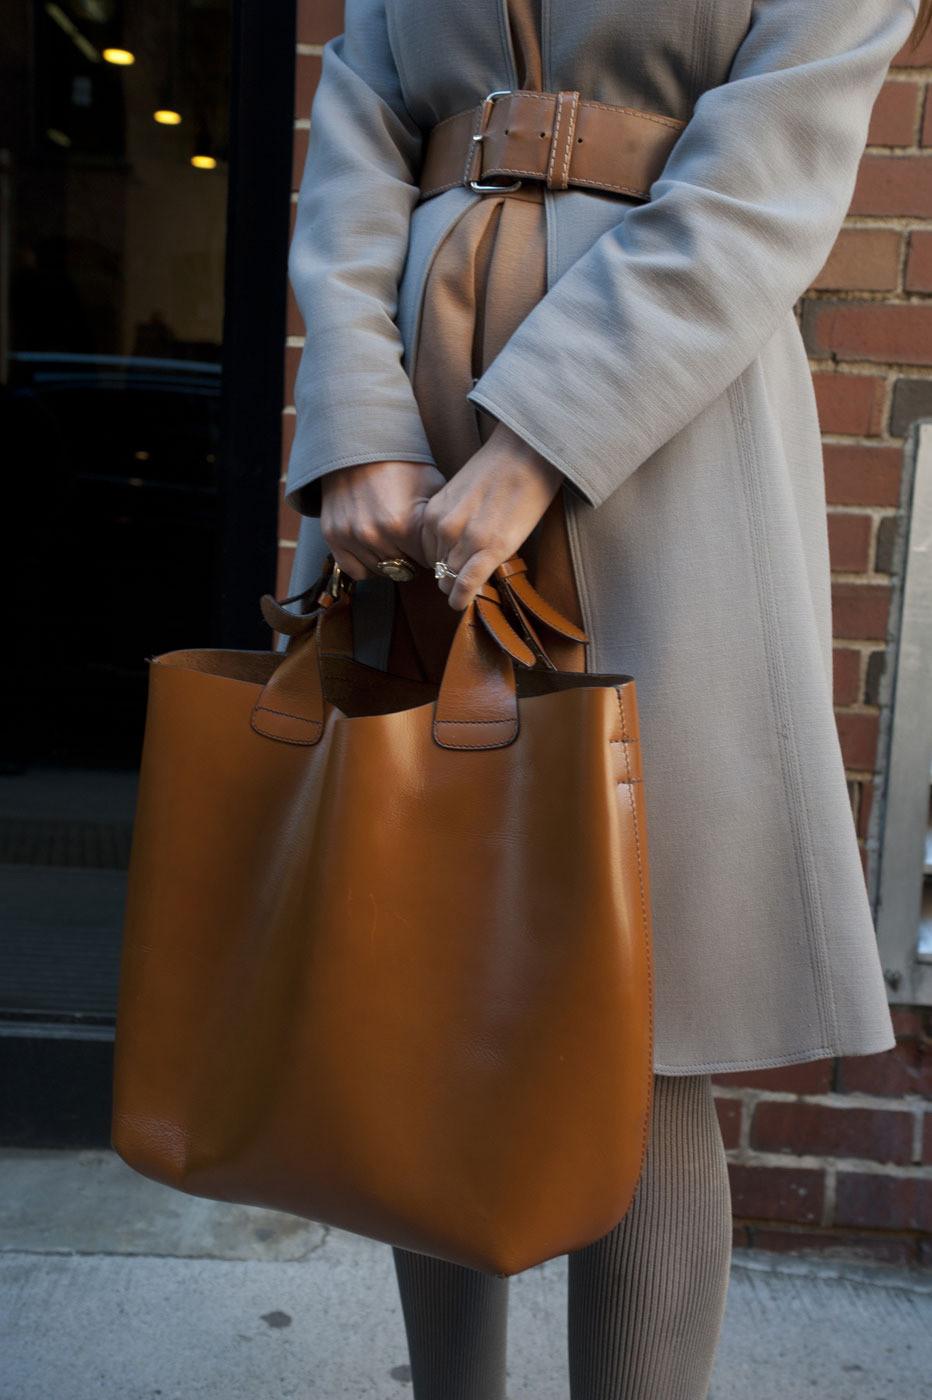 Δες πώς μπορείς να καθαρίσεις τη δερμάτινη τσάντα σου στο σπίτι ... 13dee72954c